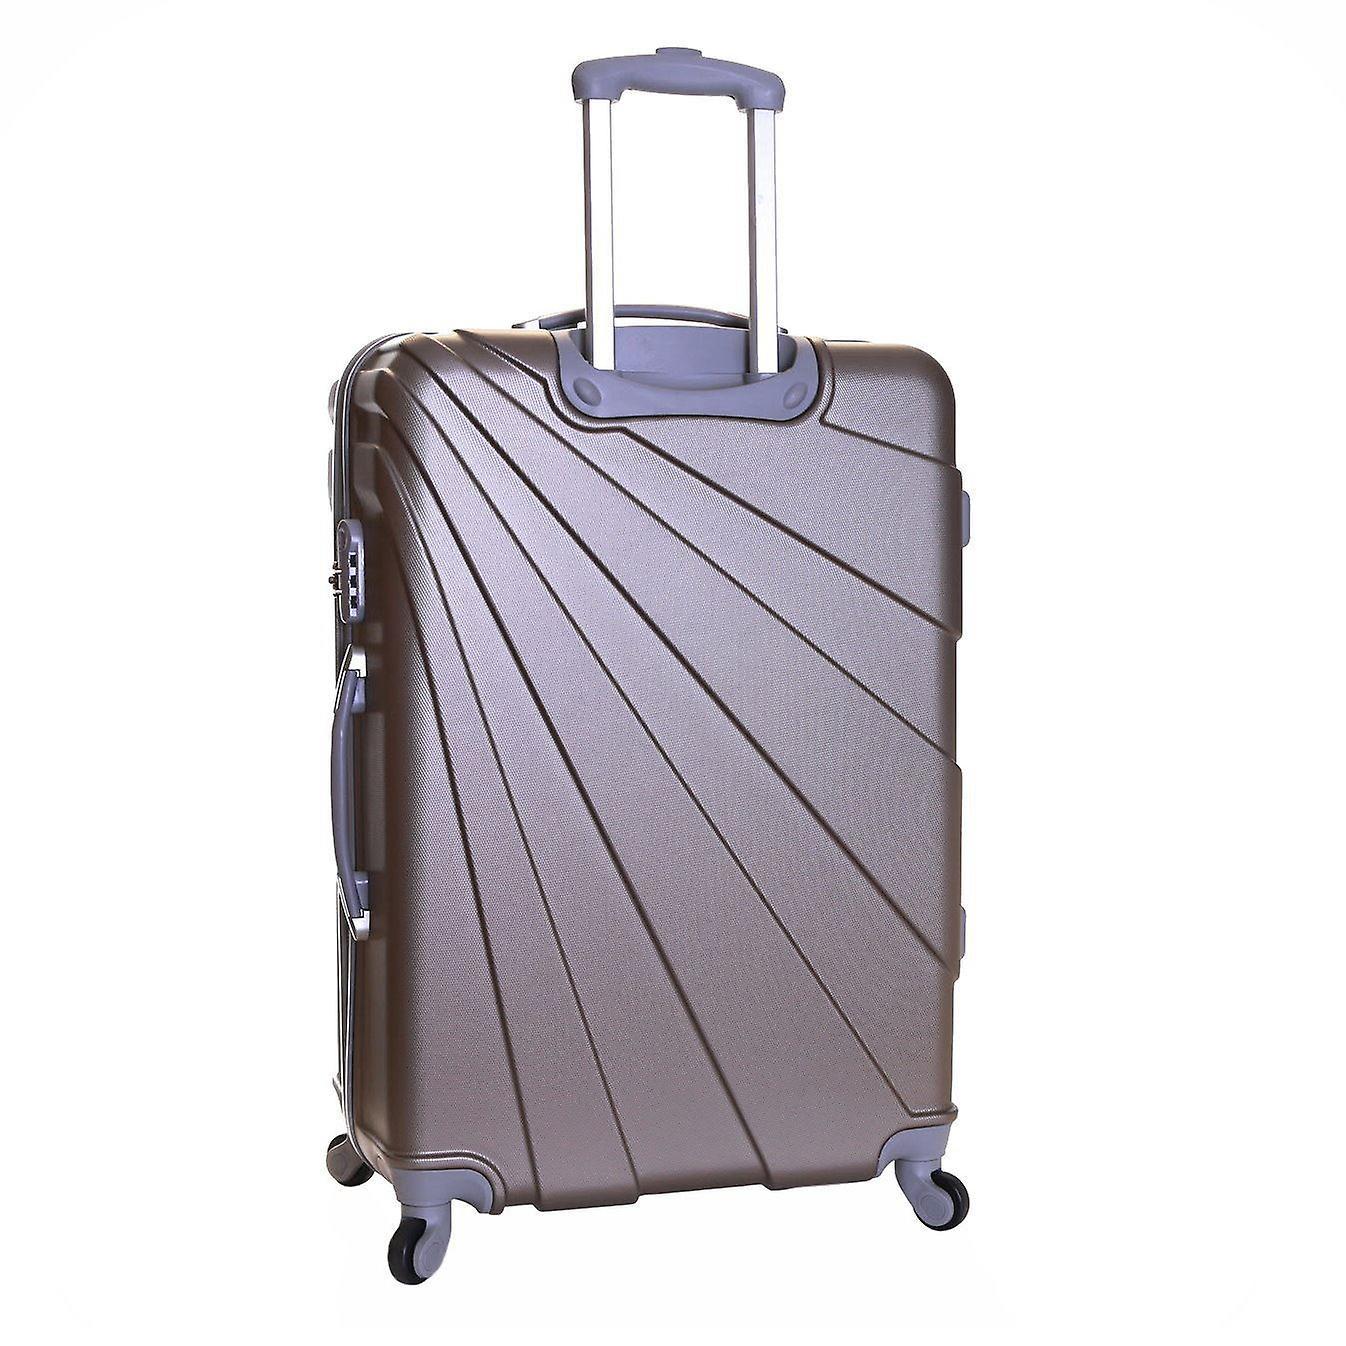 Slimbridge Fusion Large Hard Suitcase, Champagne